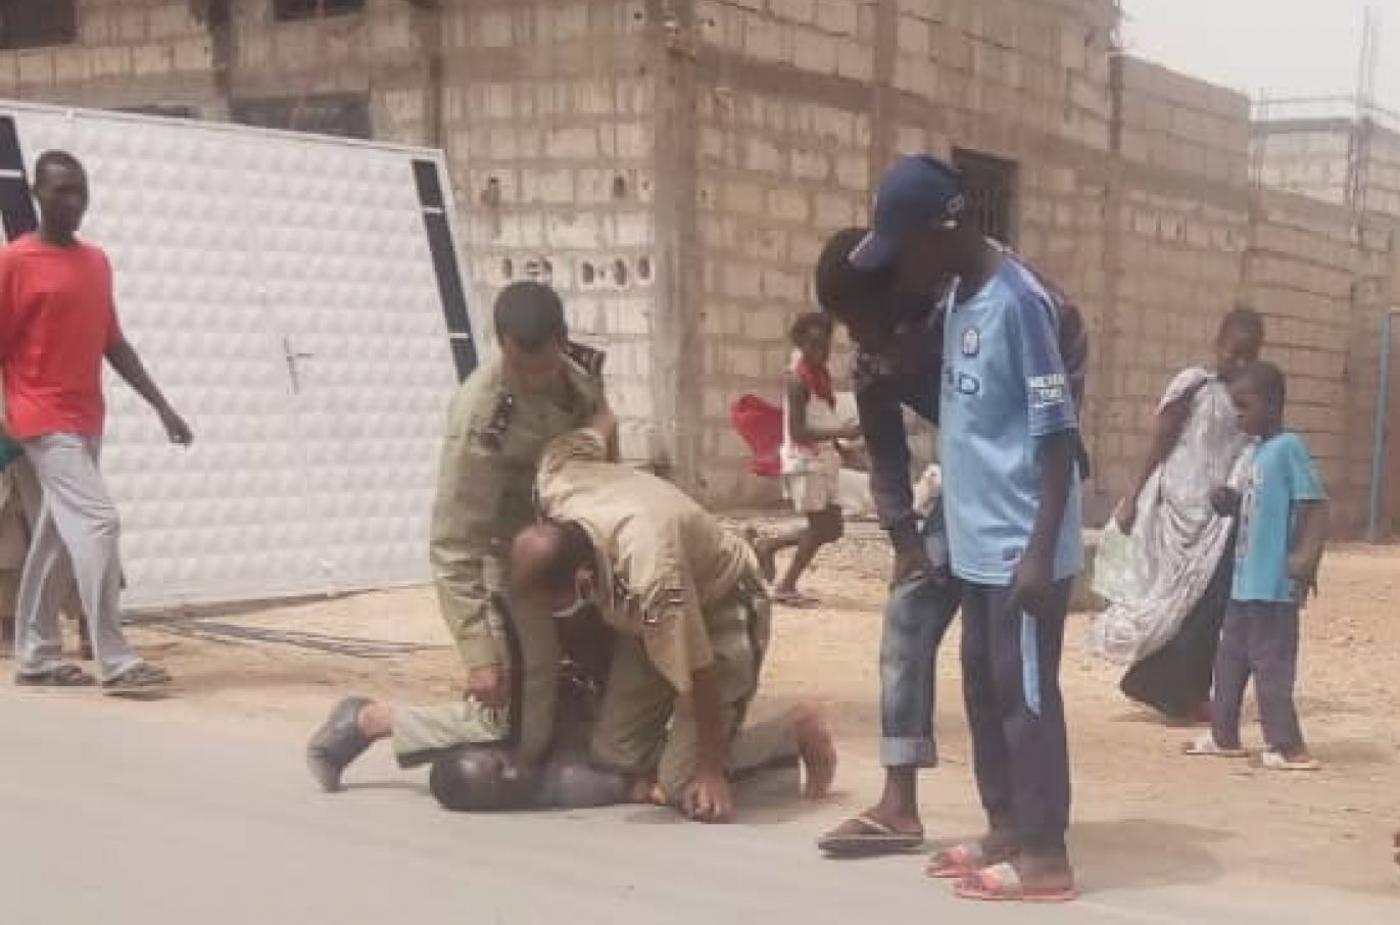 mauritania Knee on neck